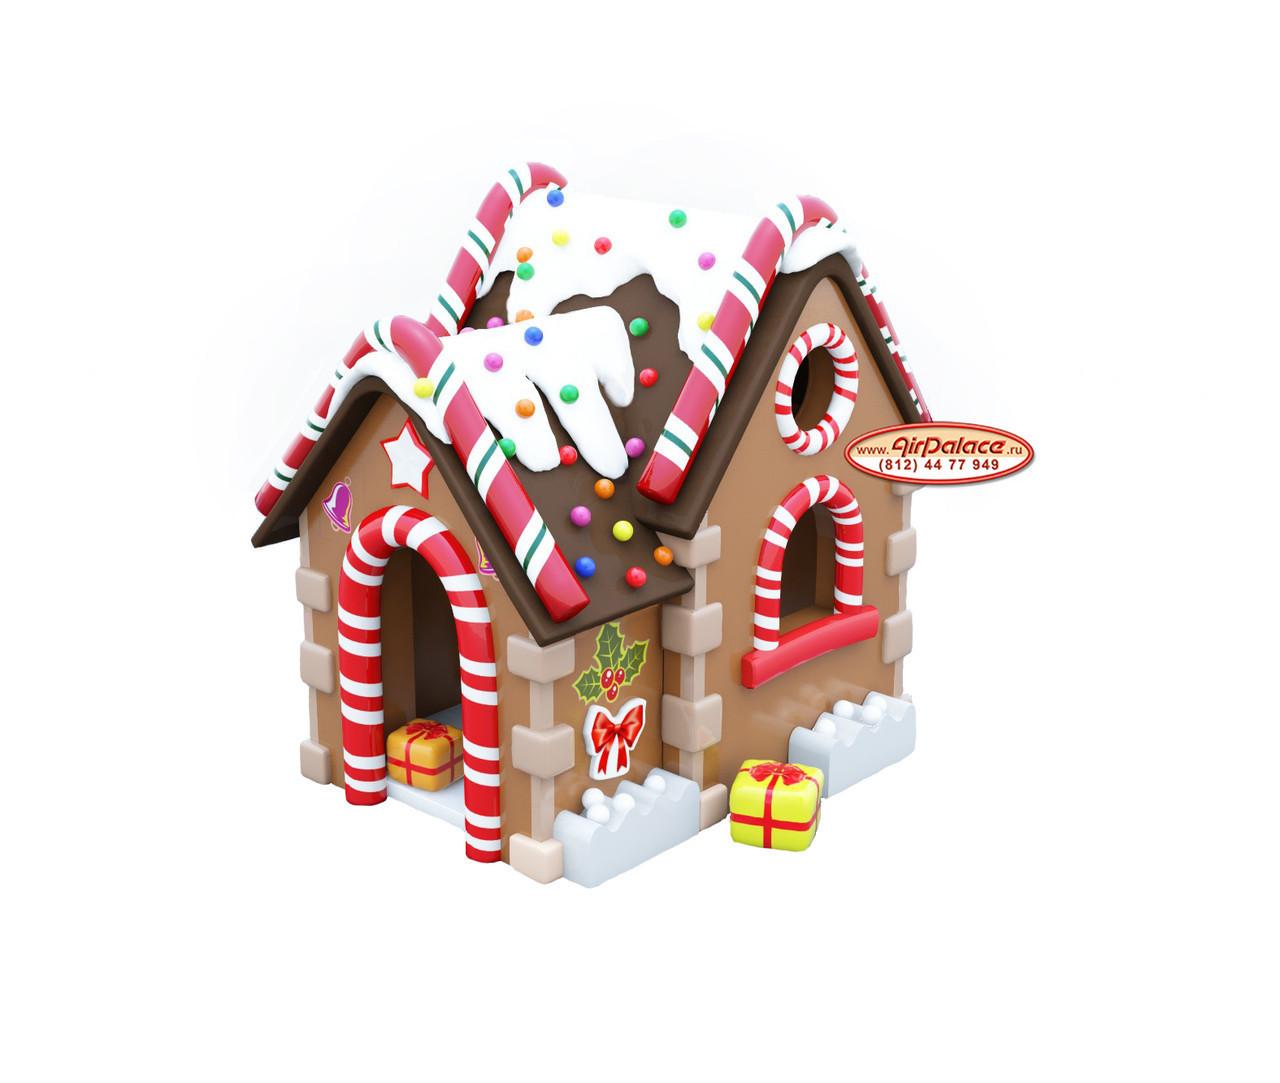 Домик Новогодний мягкий для игр детский 1,6*2,3*2,6 м